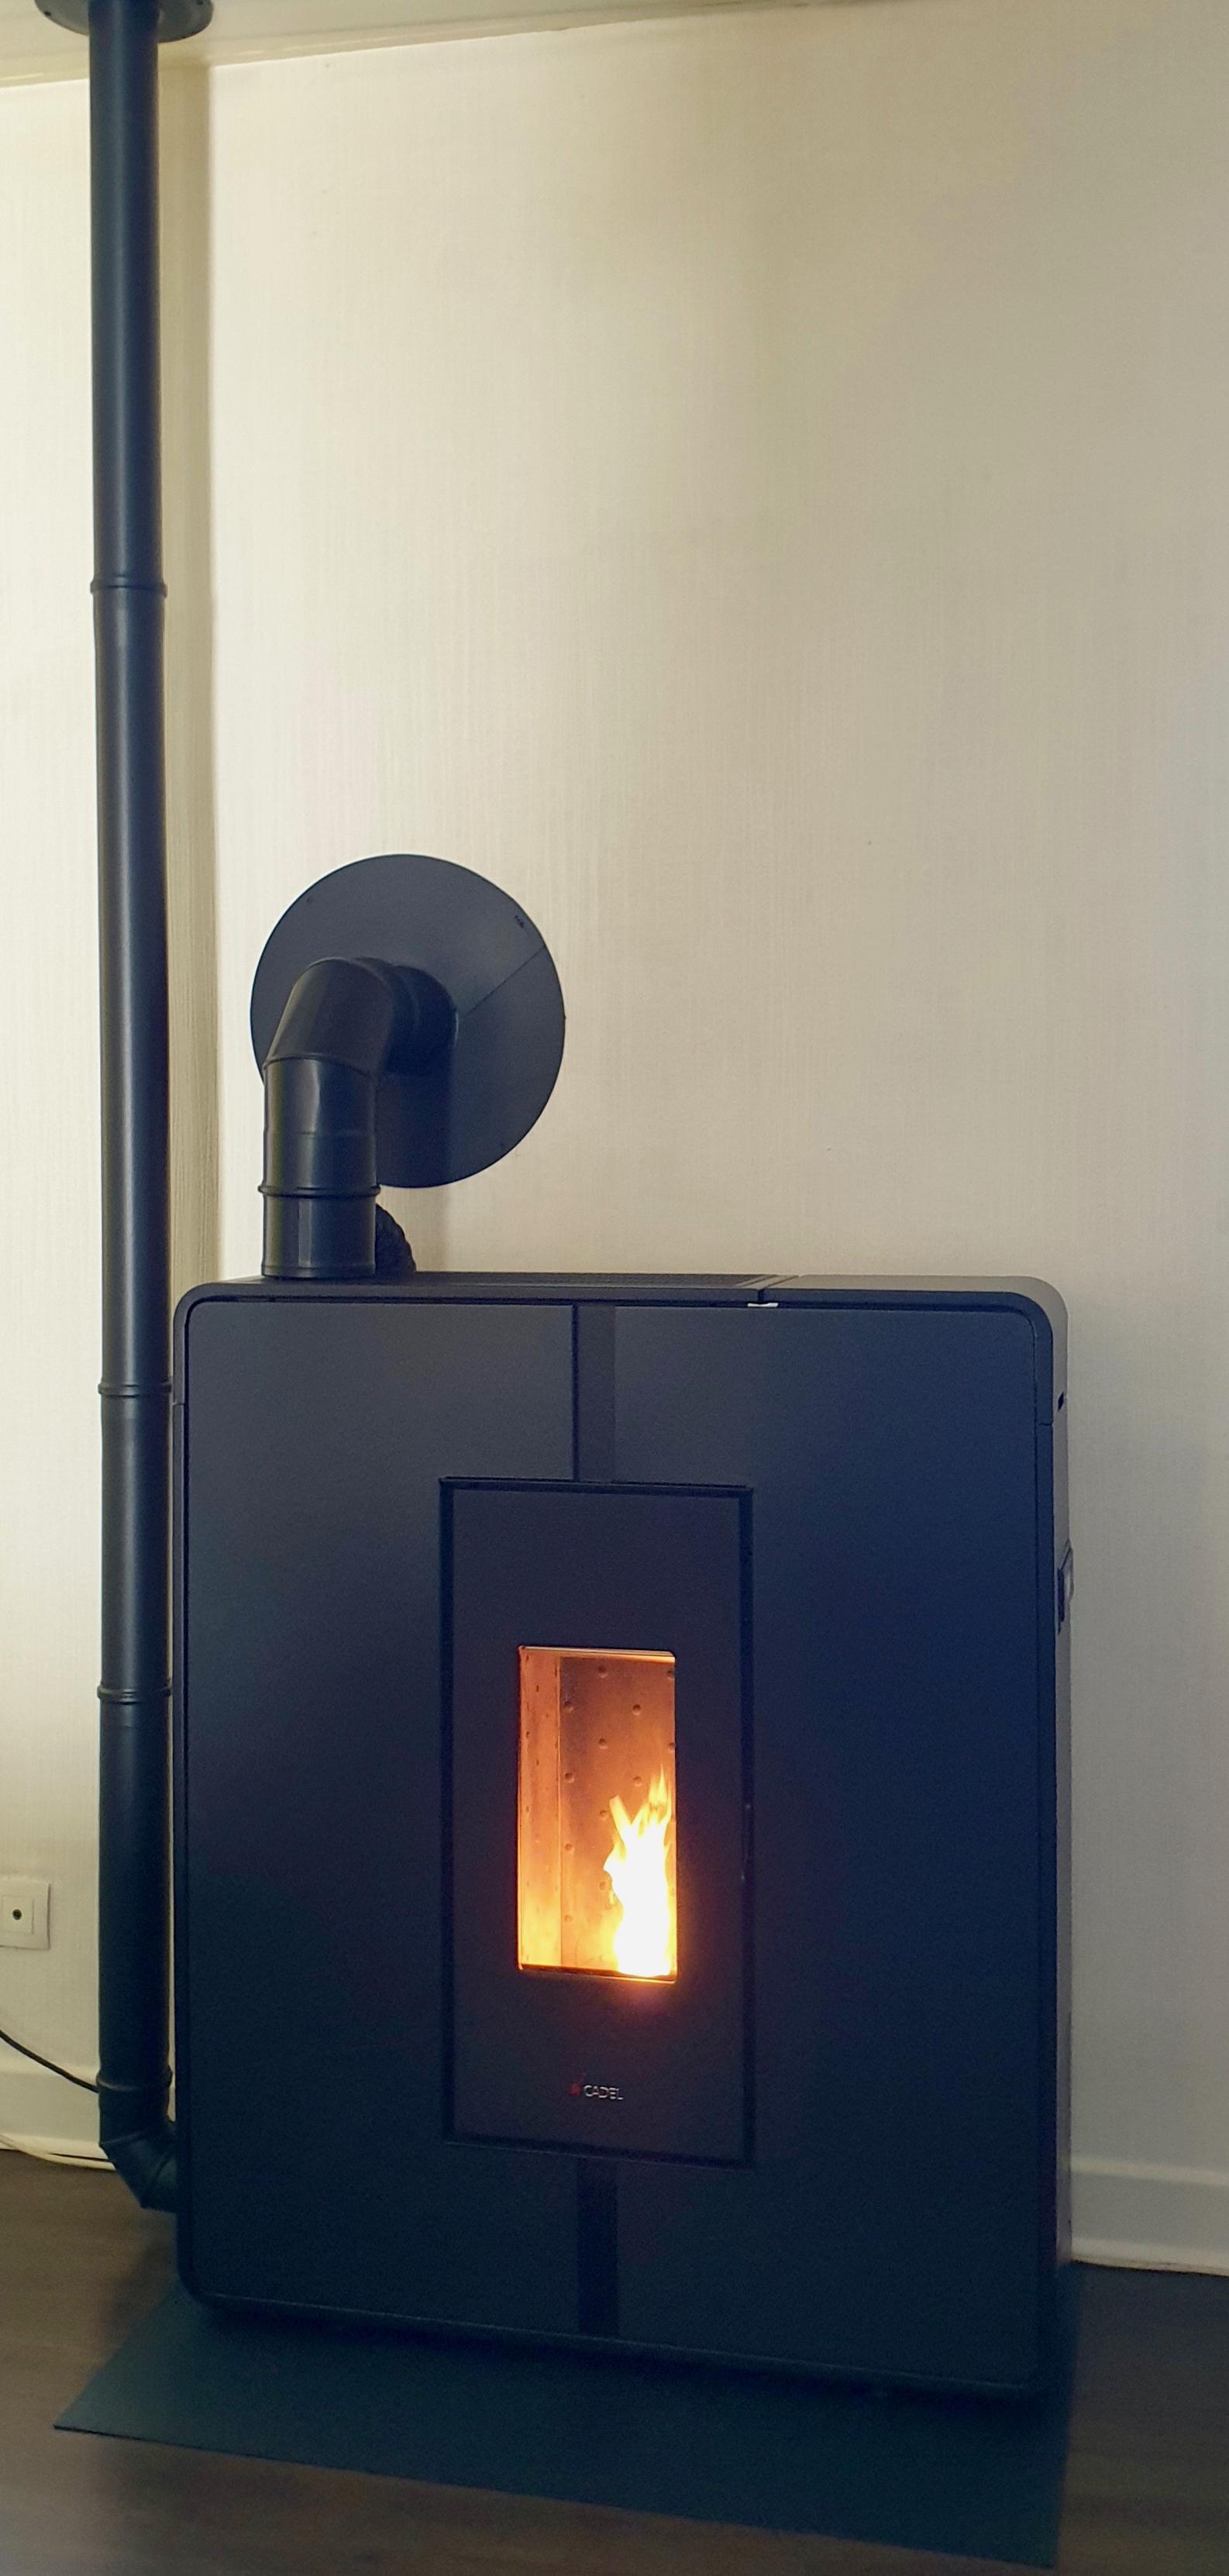 Cadel Tile 10kW, canalisation d'air chaud, conduit MODINOX PLA + PTR30 extérieur